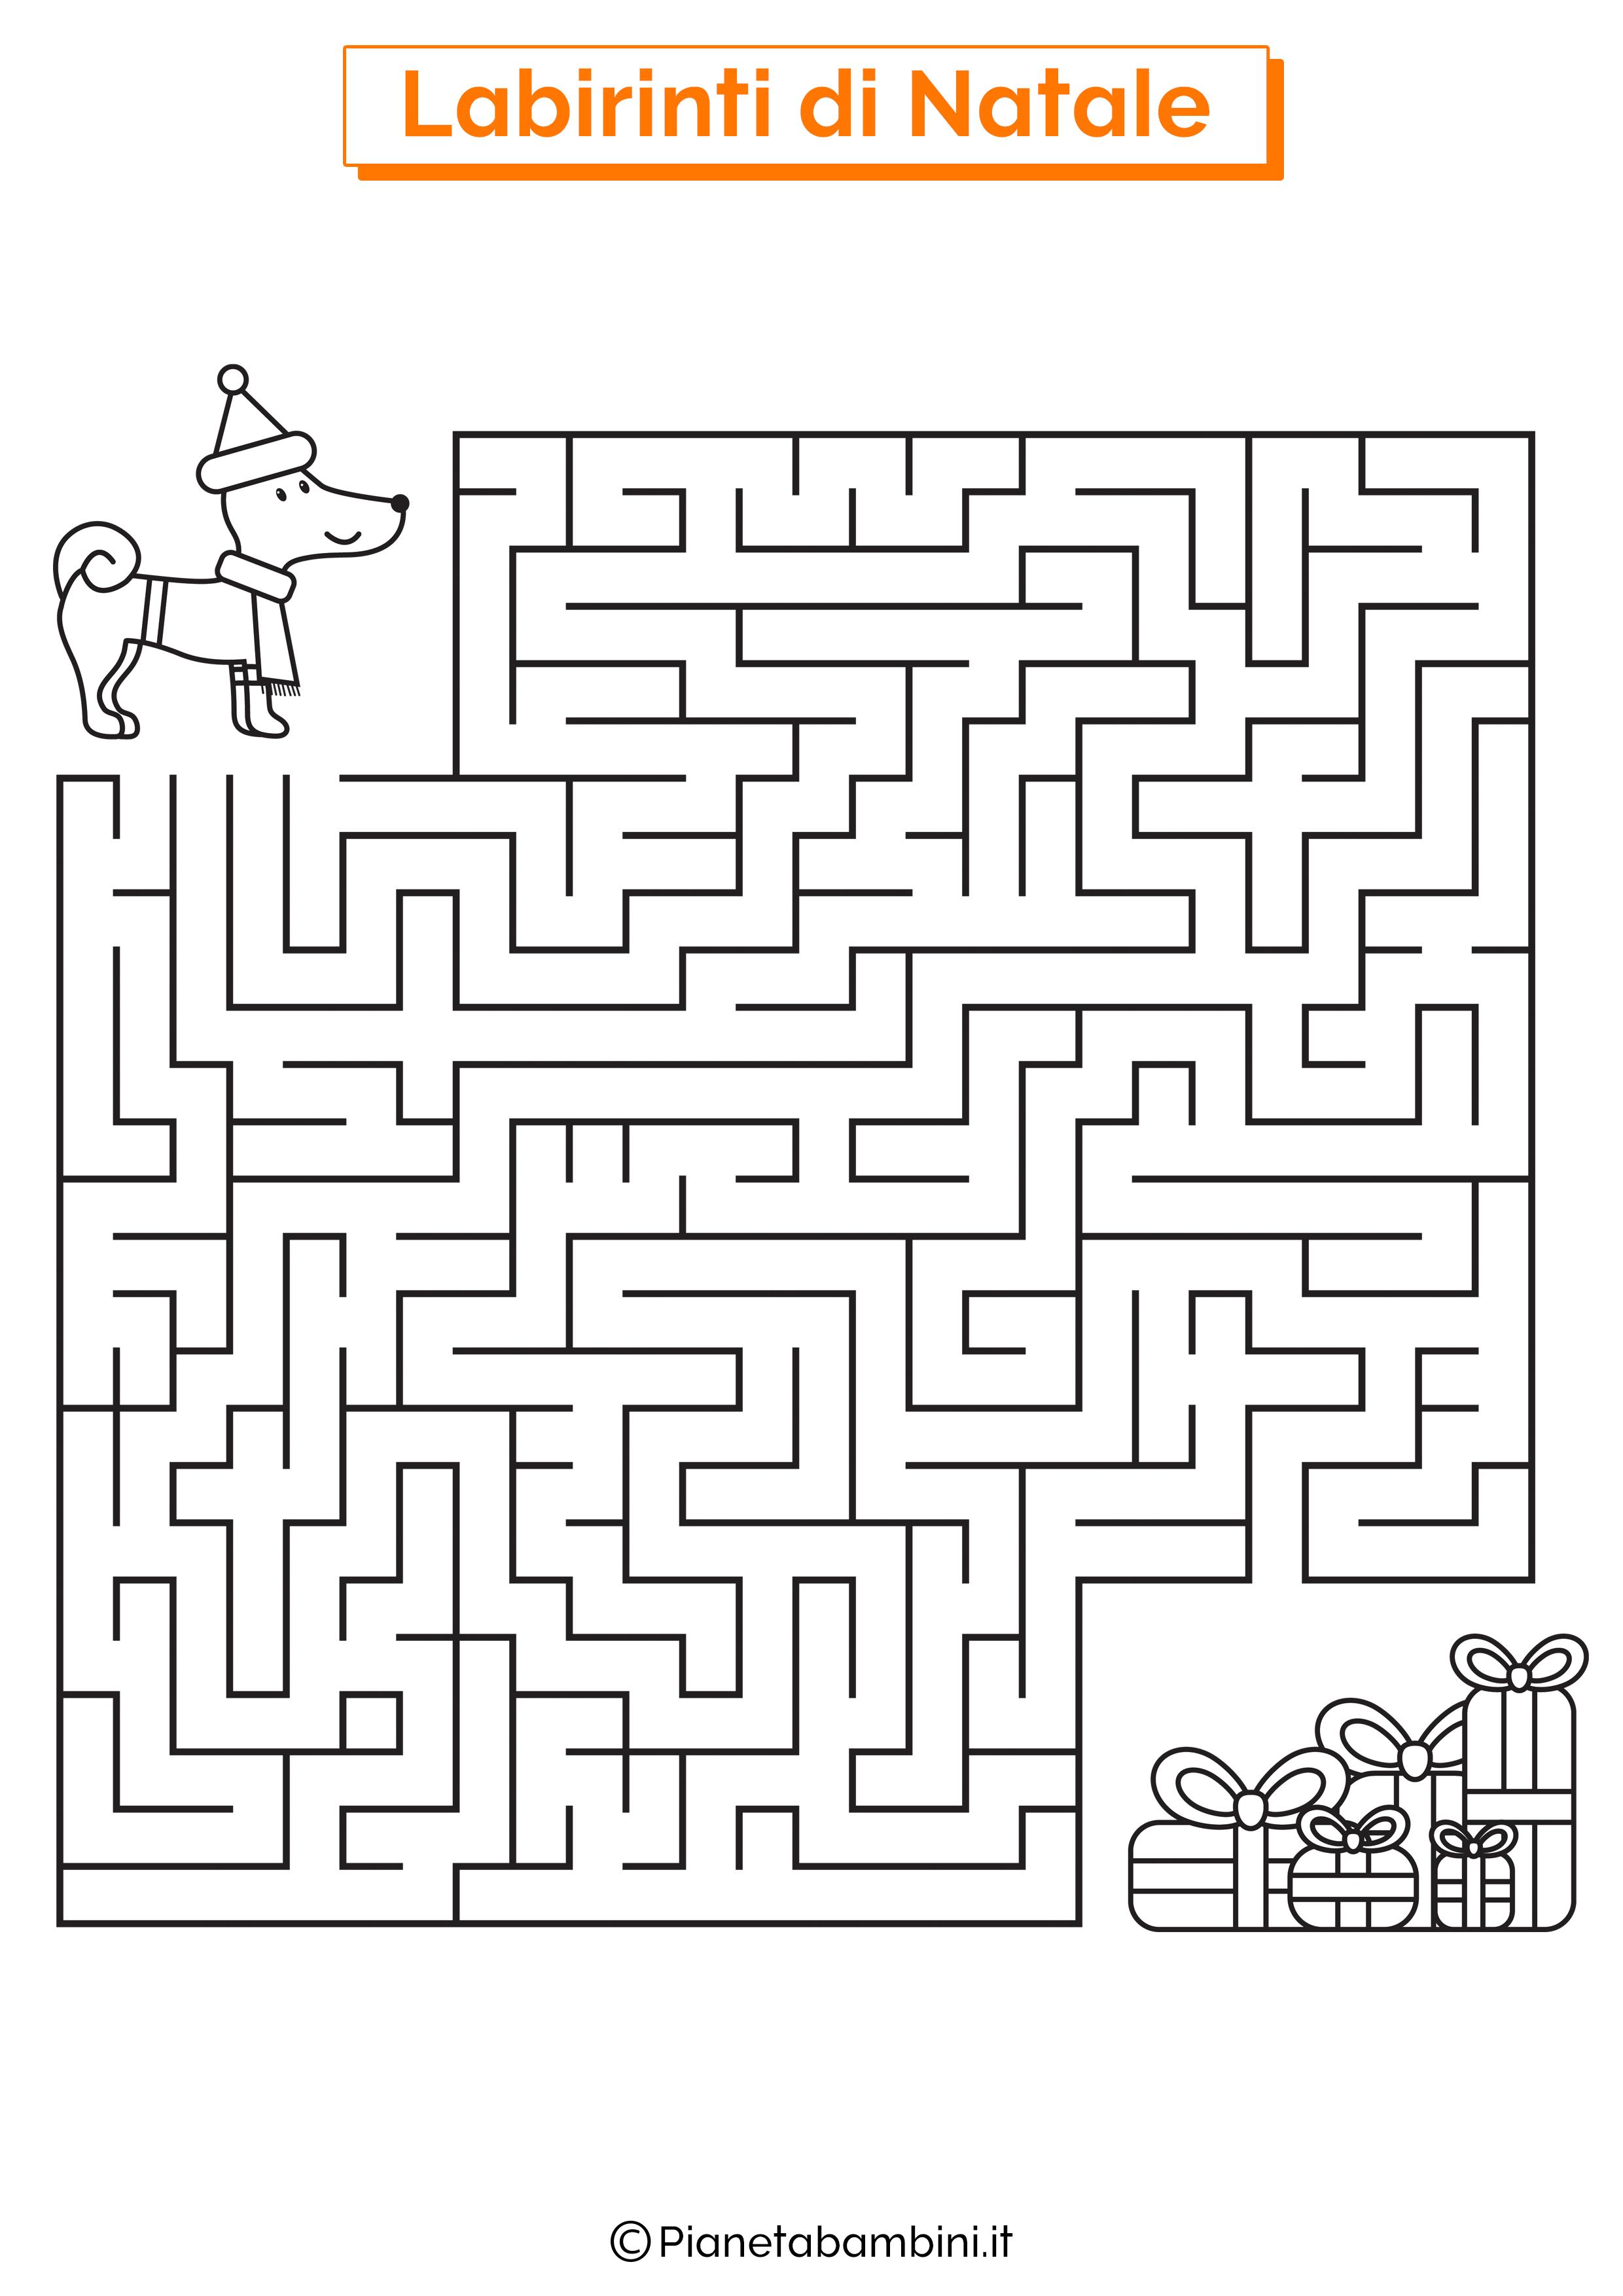 Labirinto di Natale da stampare 09